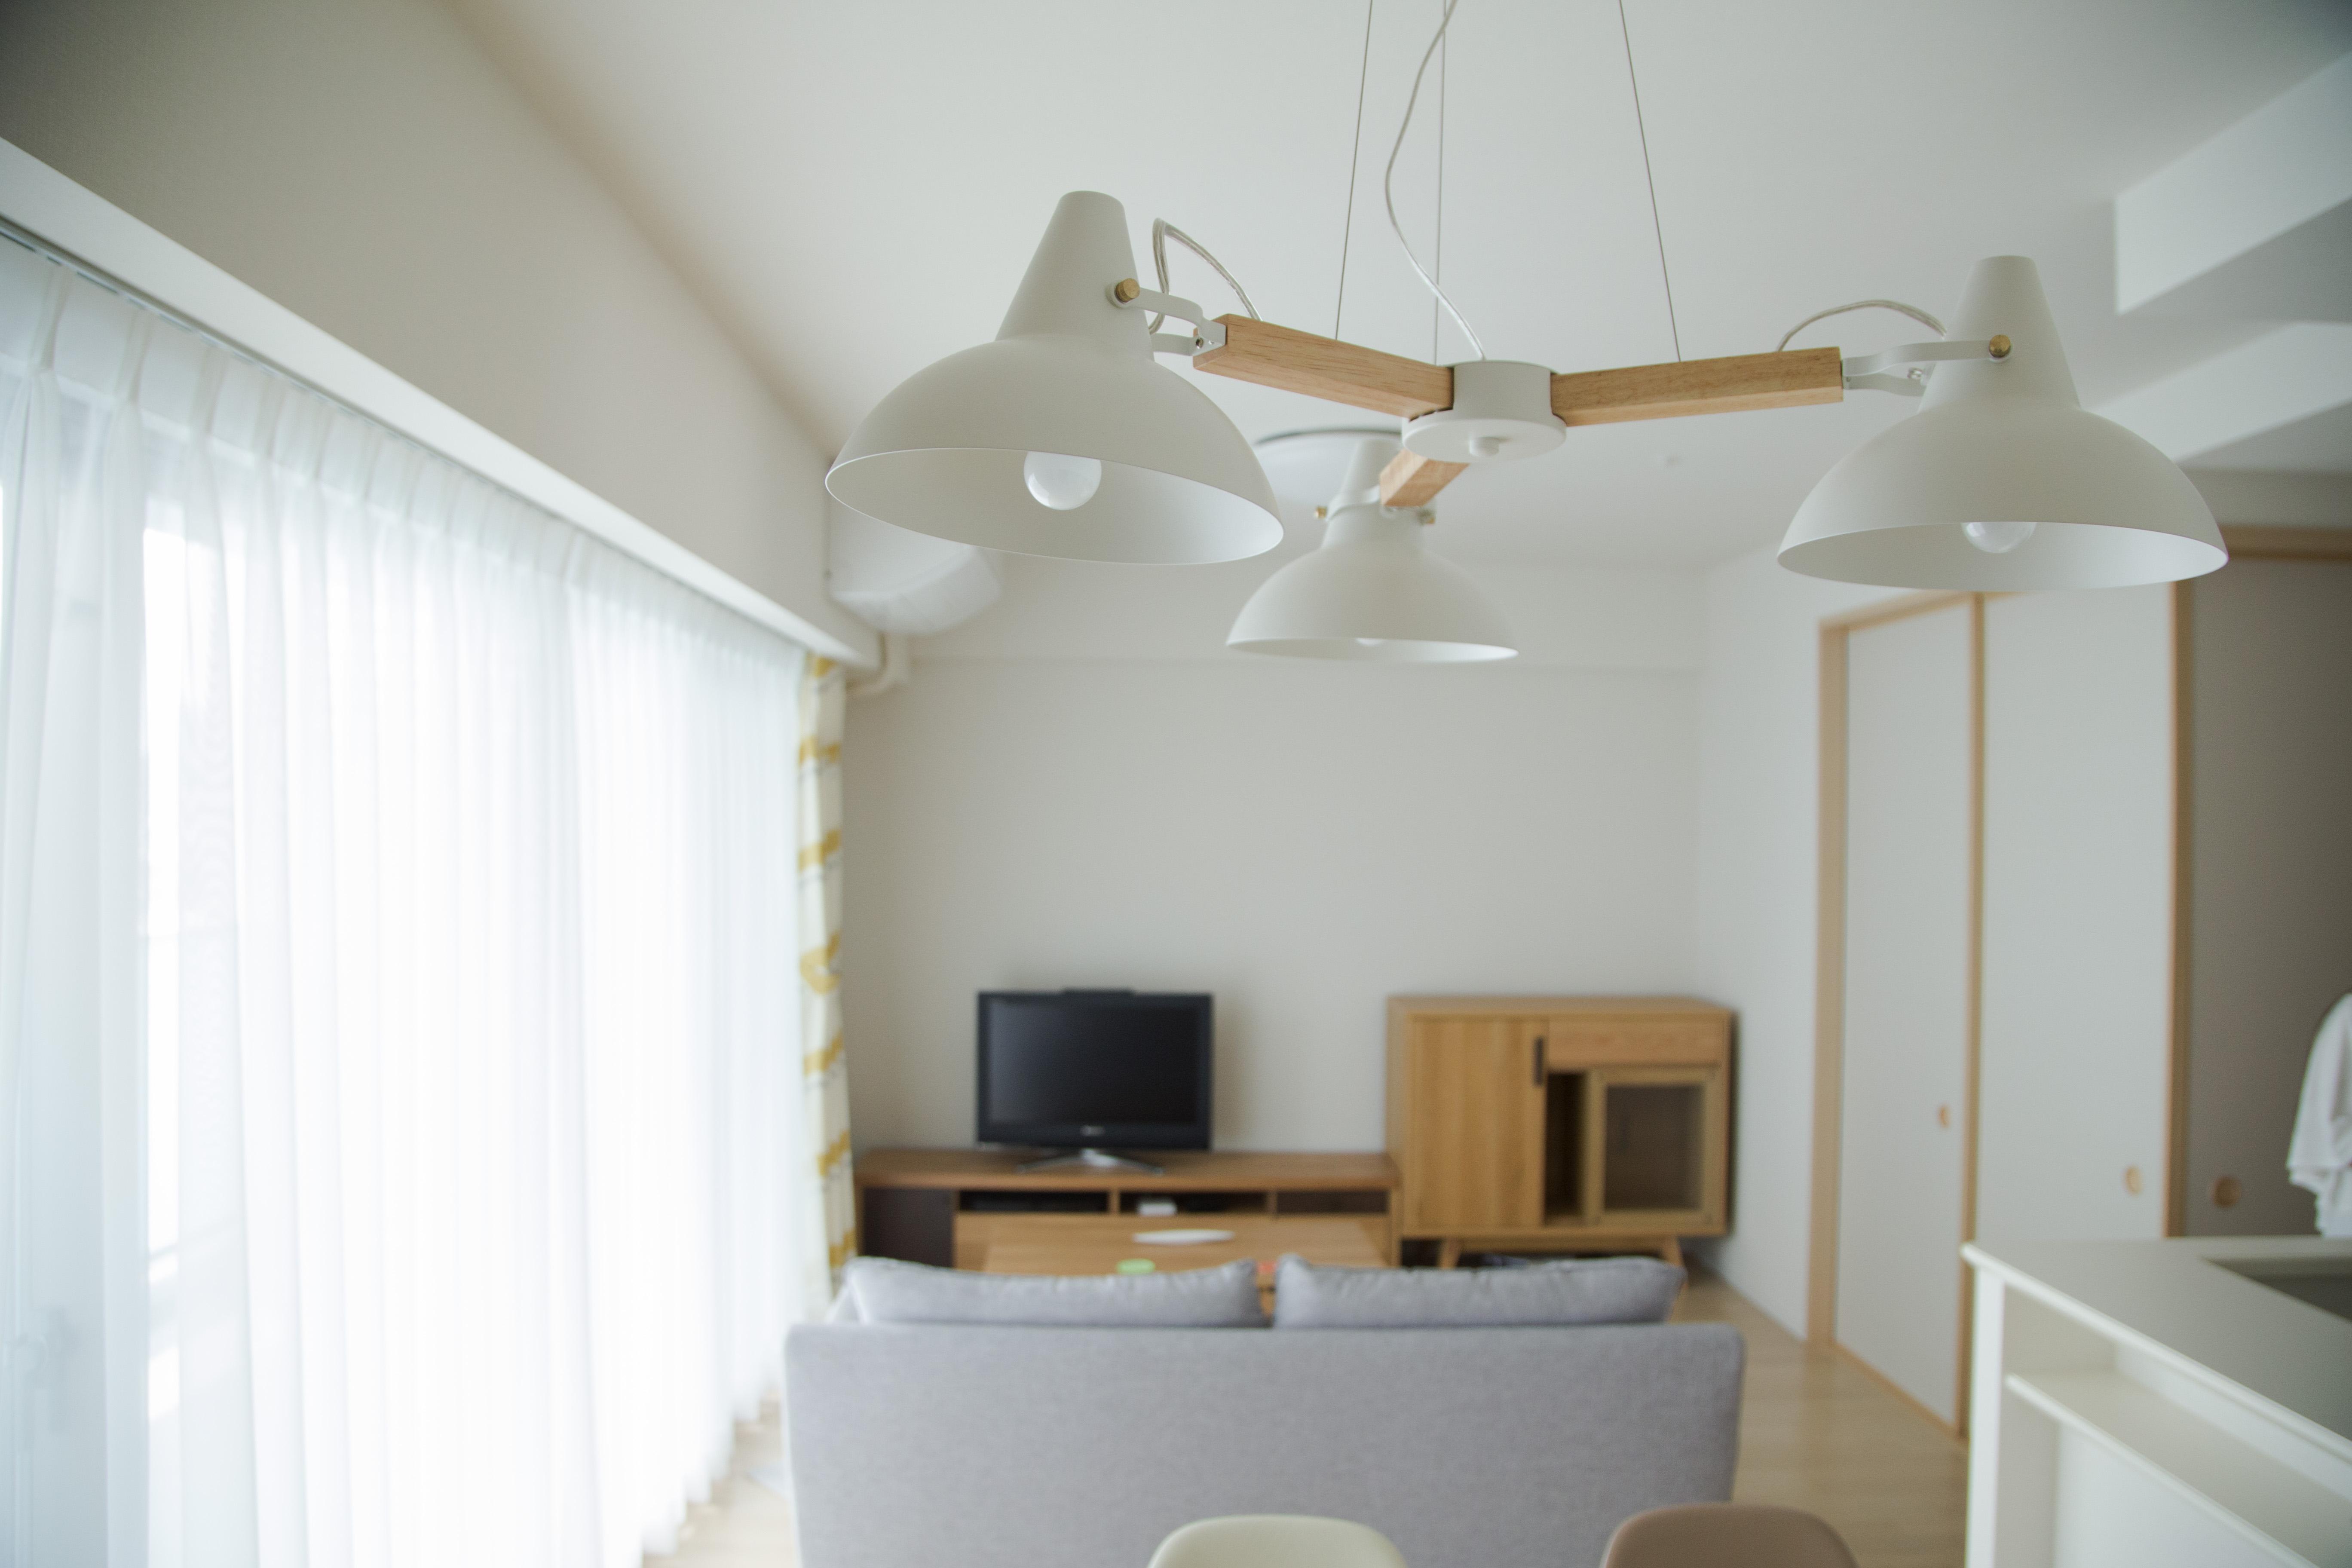 記事 大阪天神橋筋T様邸-個人邸のアイキャッチ画像